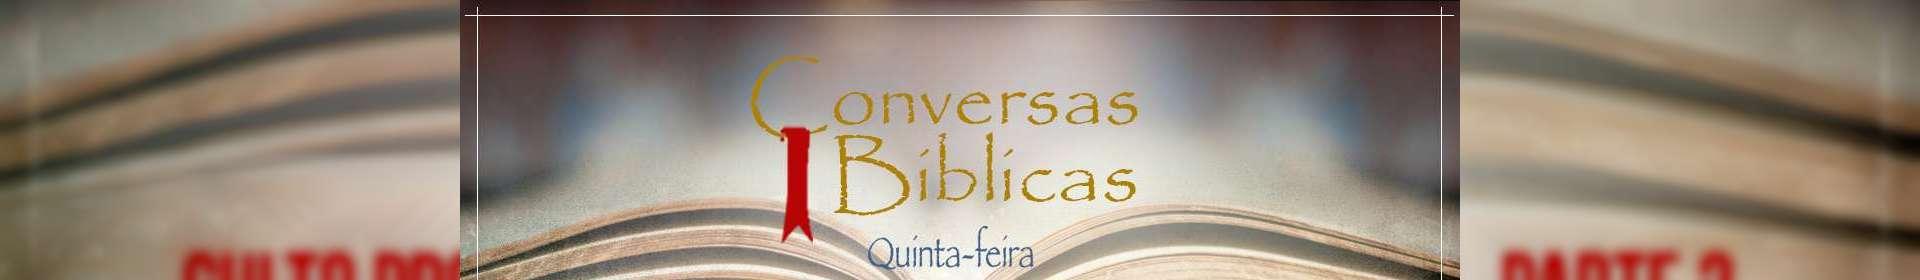 Conversas Bíblicas: Culto Profético e Grupos de Assistência - Parte 2